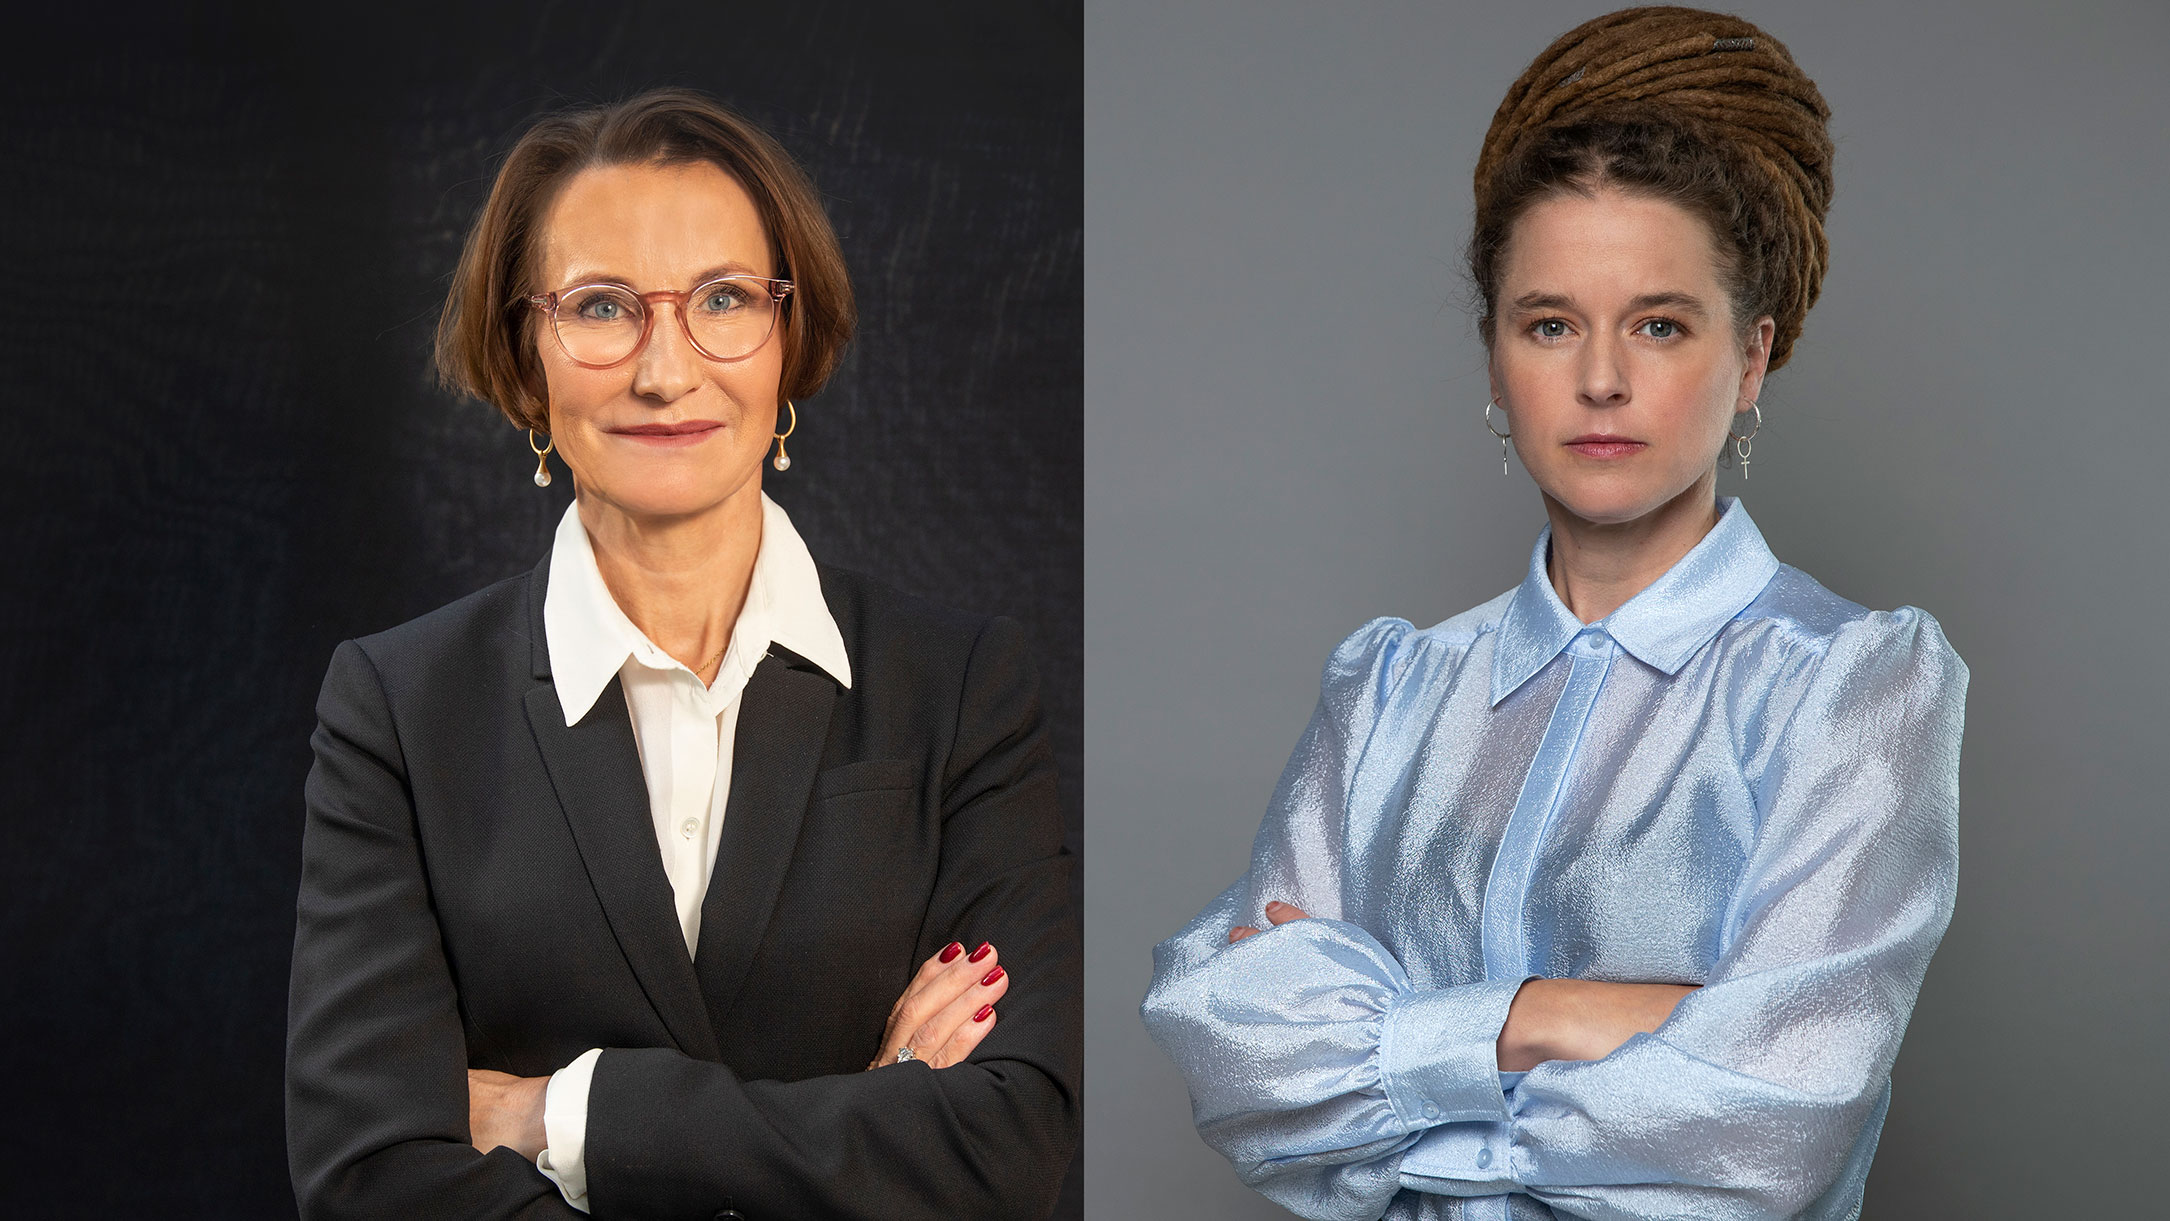 manda Lind, Sveriges Kultur- och demokratiminister Pia Sandvik, VD, Research Institutes of Sweden, RISE